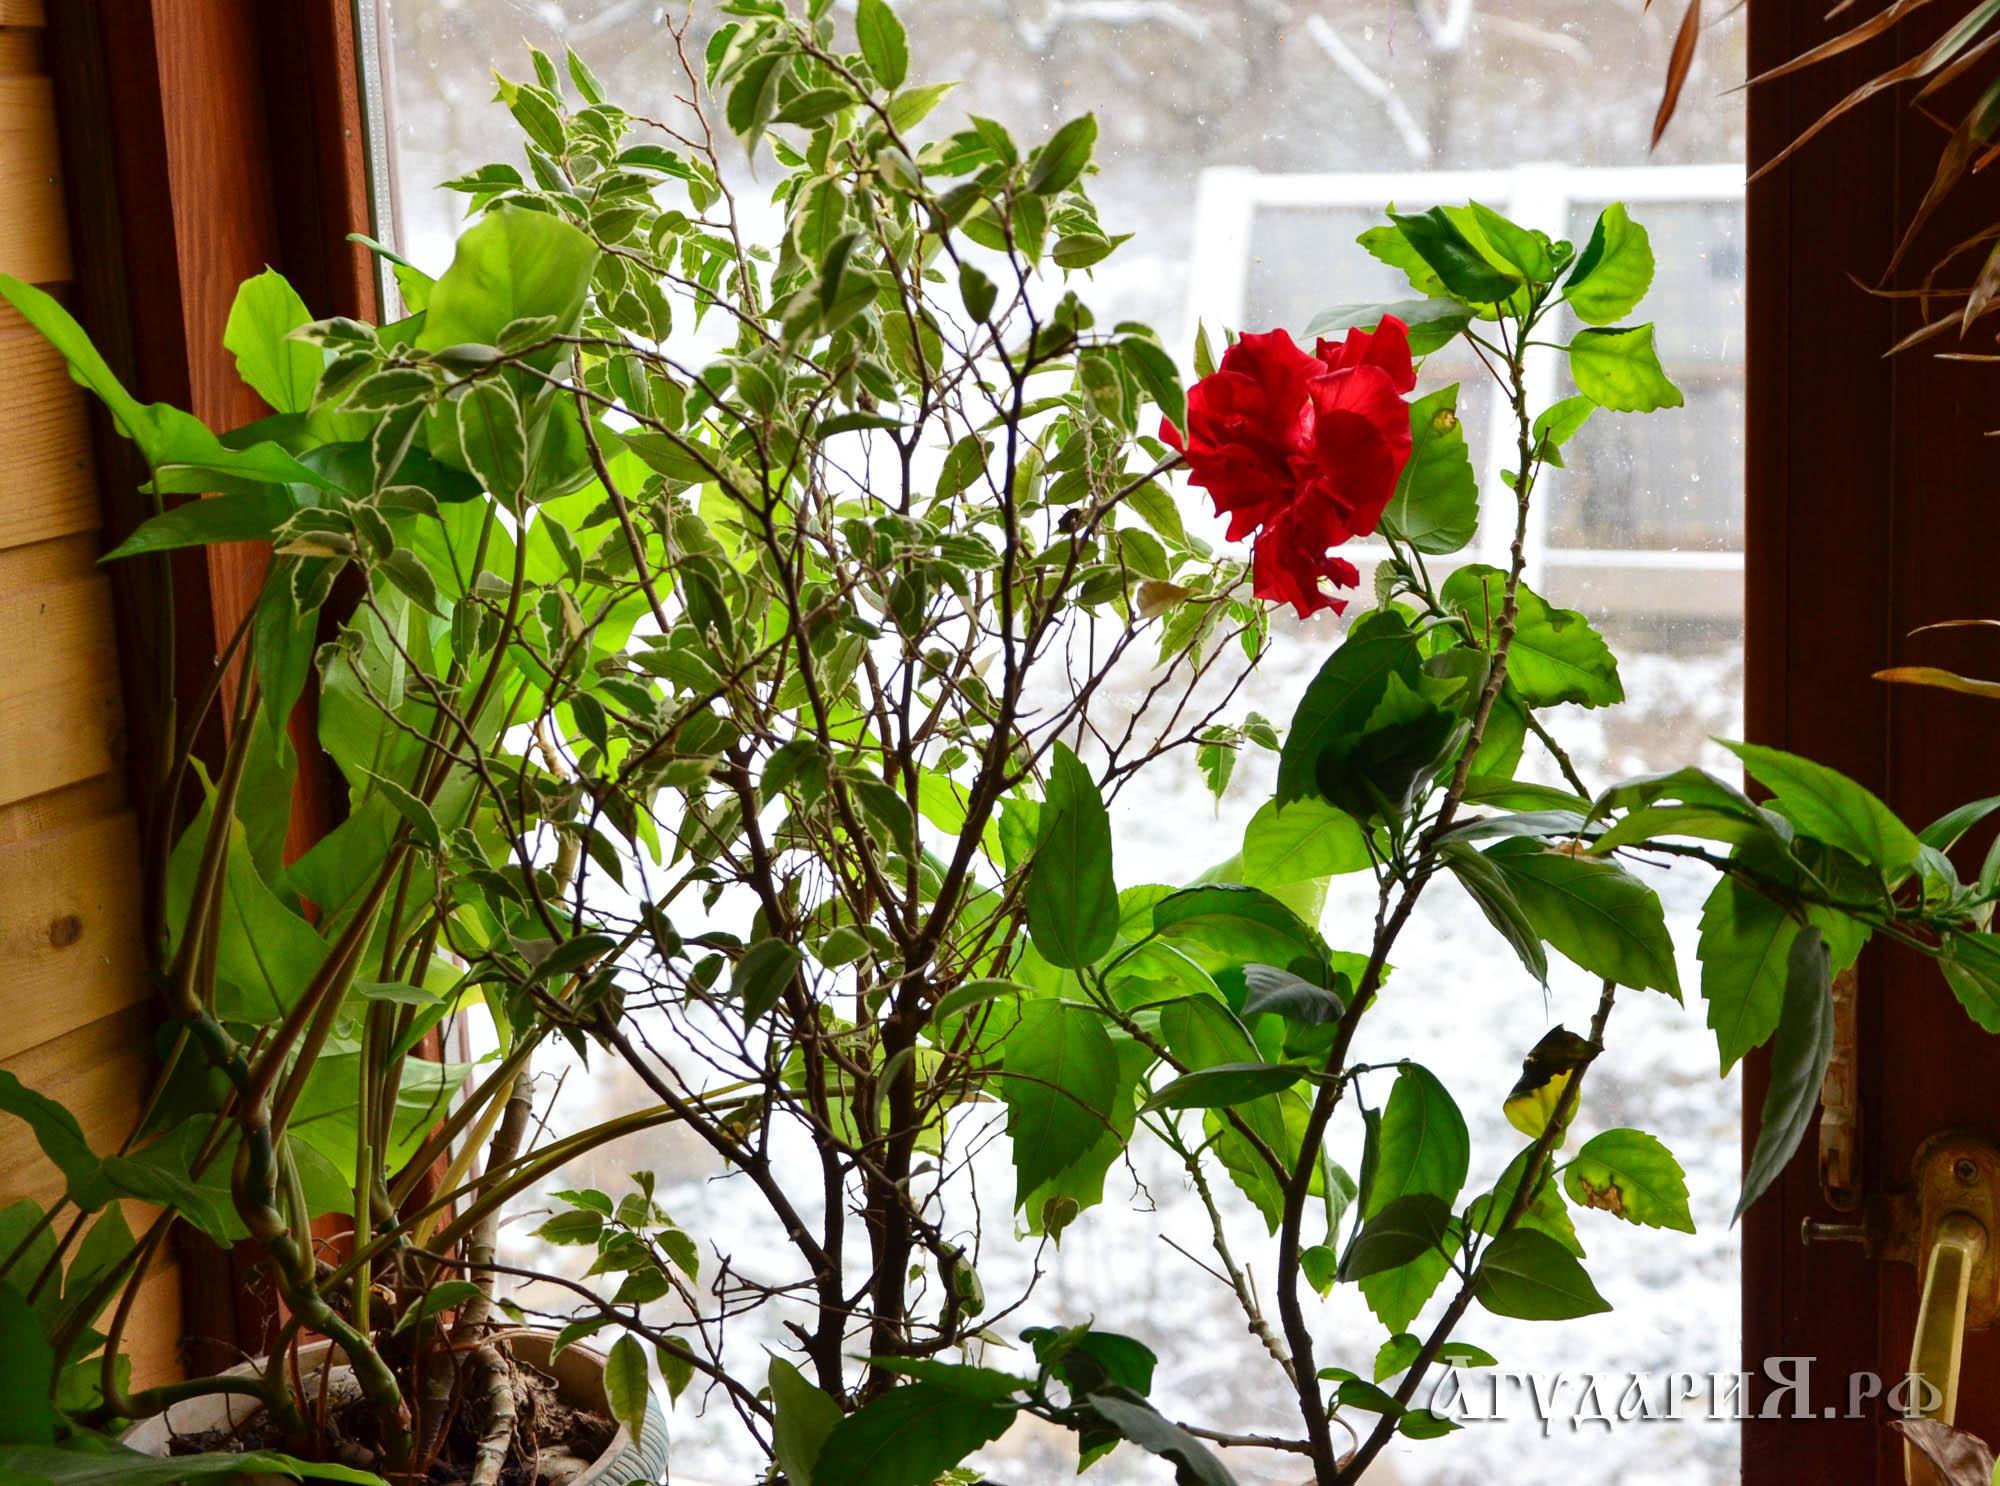 Зима, мороз, снег на улице.  А в доме на всех подоконниках цветут цветы. Поместье АгудариЯ